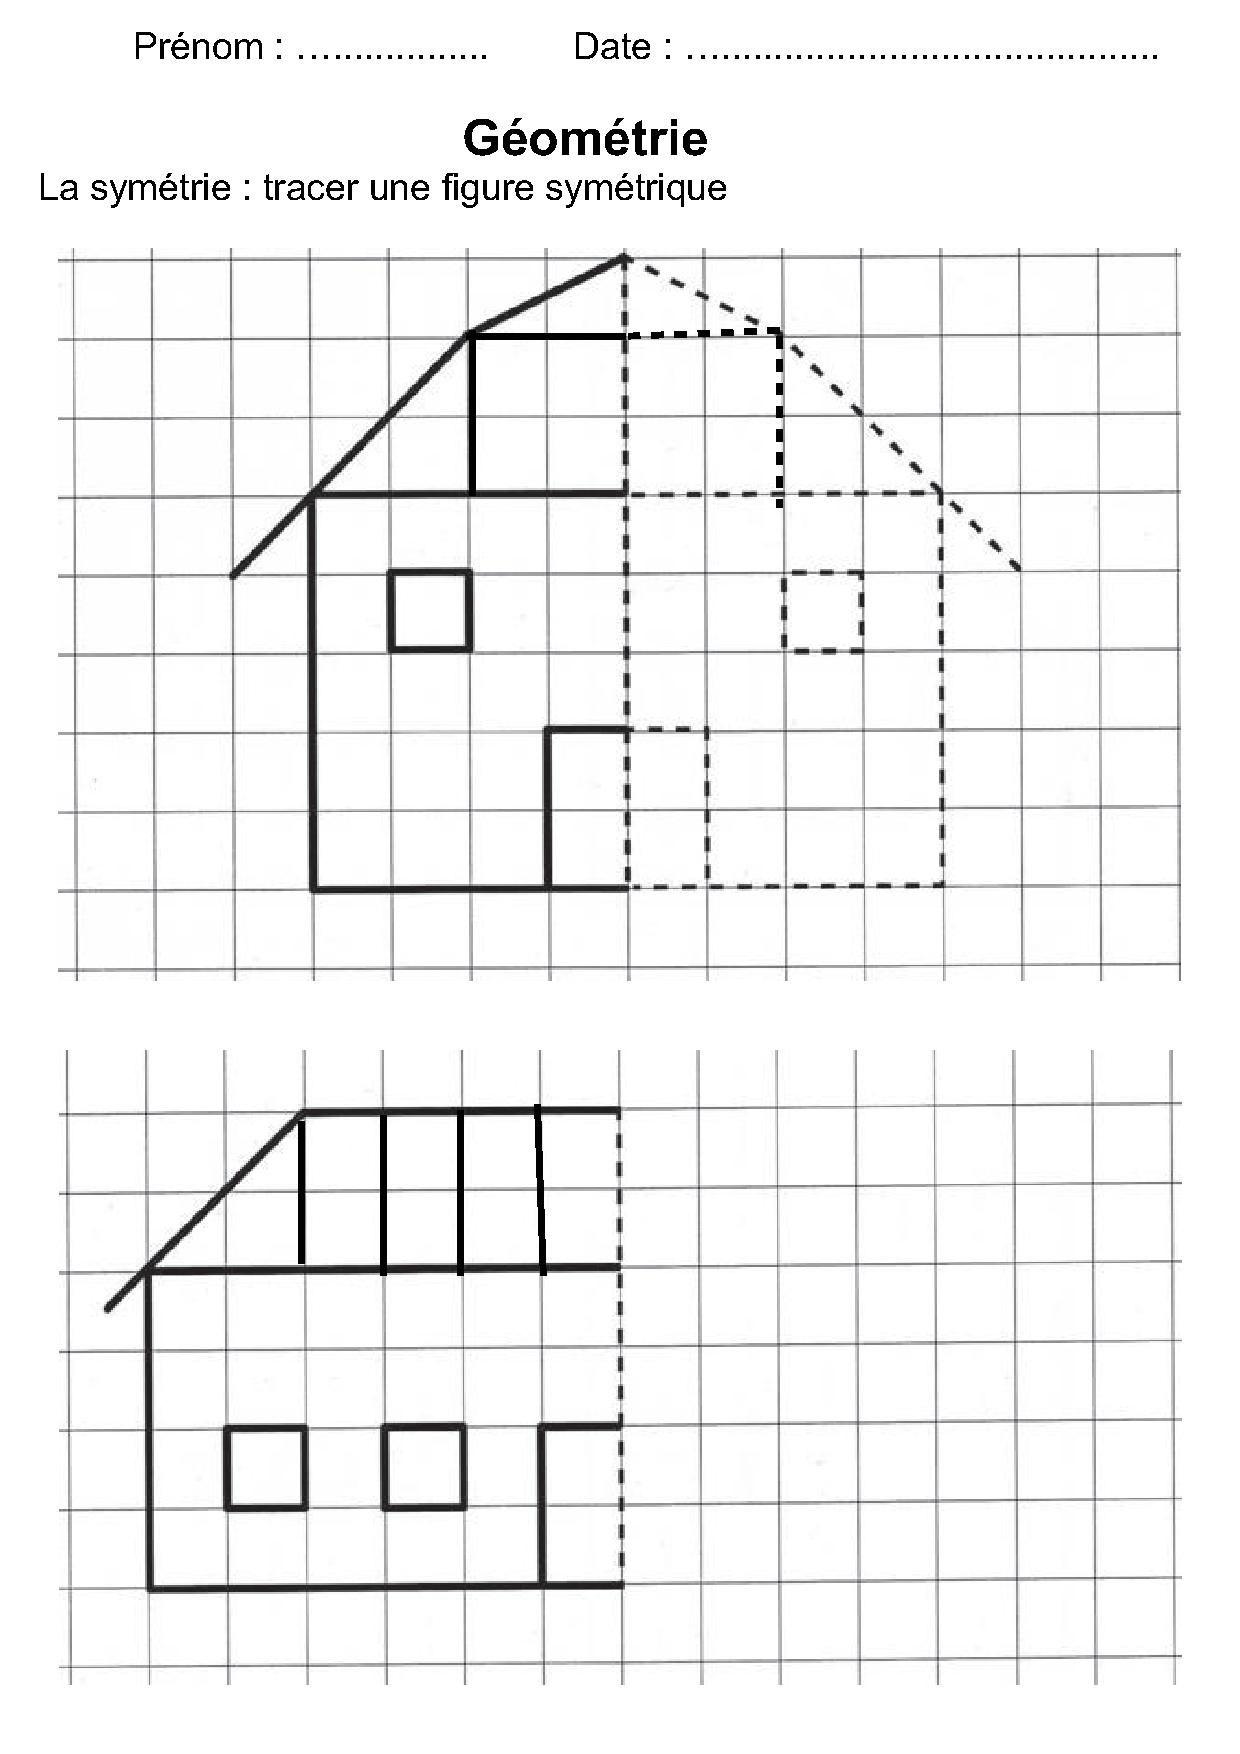 Géométrie Ce1,ce2,la Symétrie,reproduire Une Figure intérieur Reproduction De Figures Ce2 Quadrillage